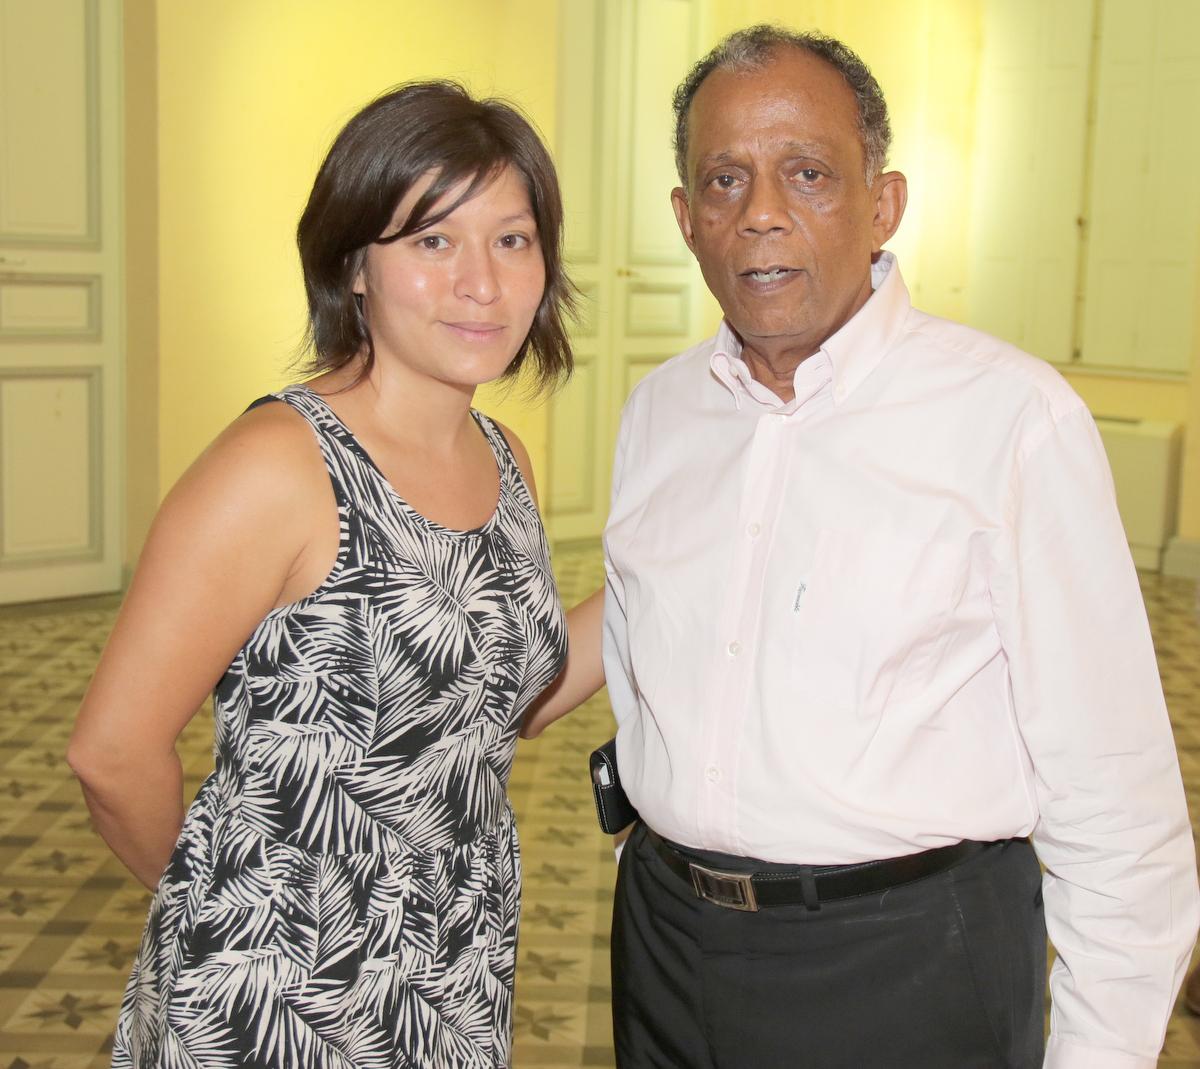 Gilbert Annette avec Christelle Chon-Nam, membre très active de la JCE Saint-Denis et citée en exemple!